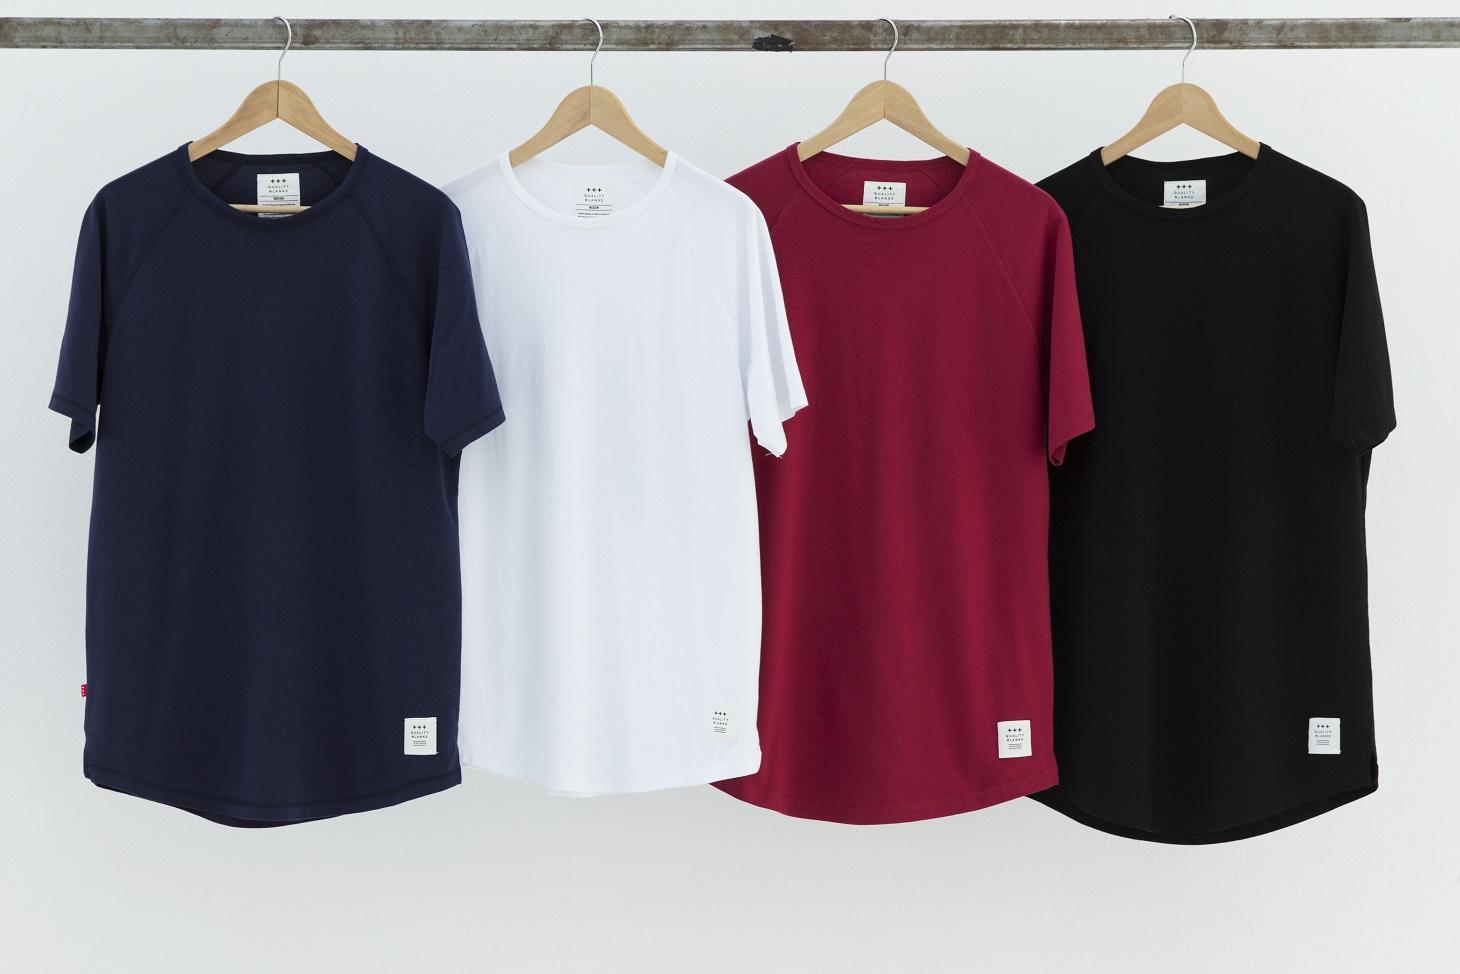 Everyday Fresh - FreshCotton Quality Blanks Raglan Tshirts